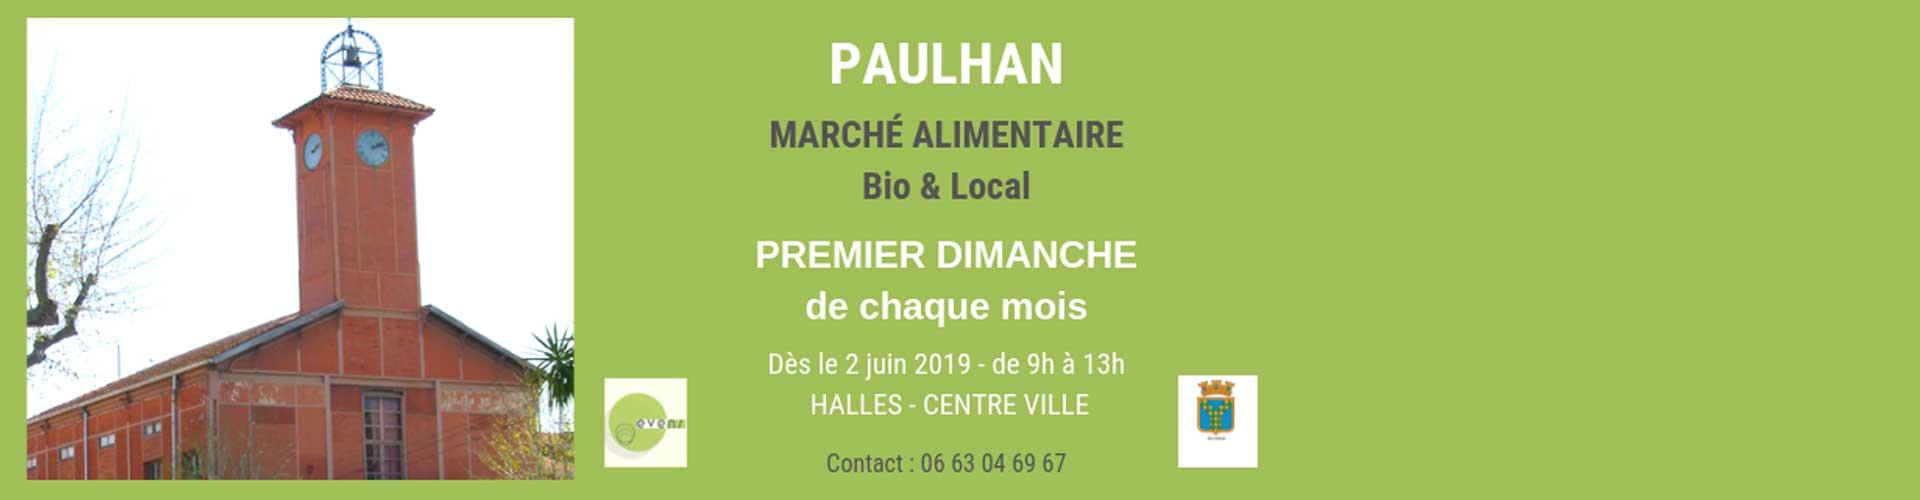 Marché Bio et Local de Paulhan dans l'Hérault